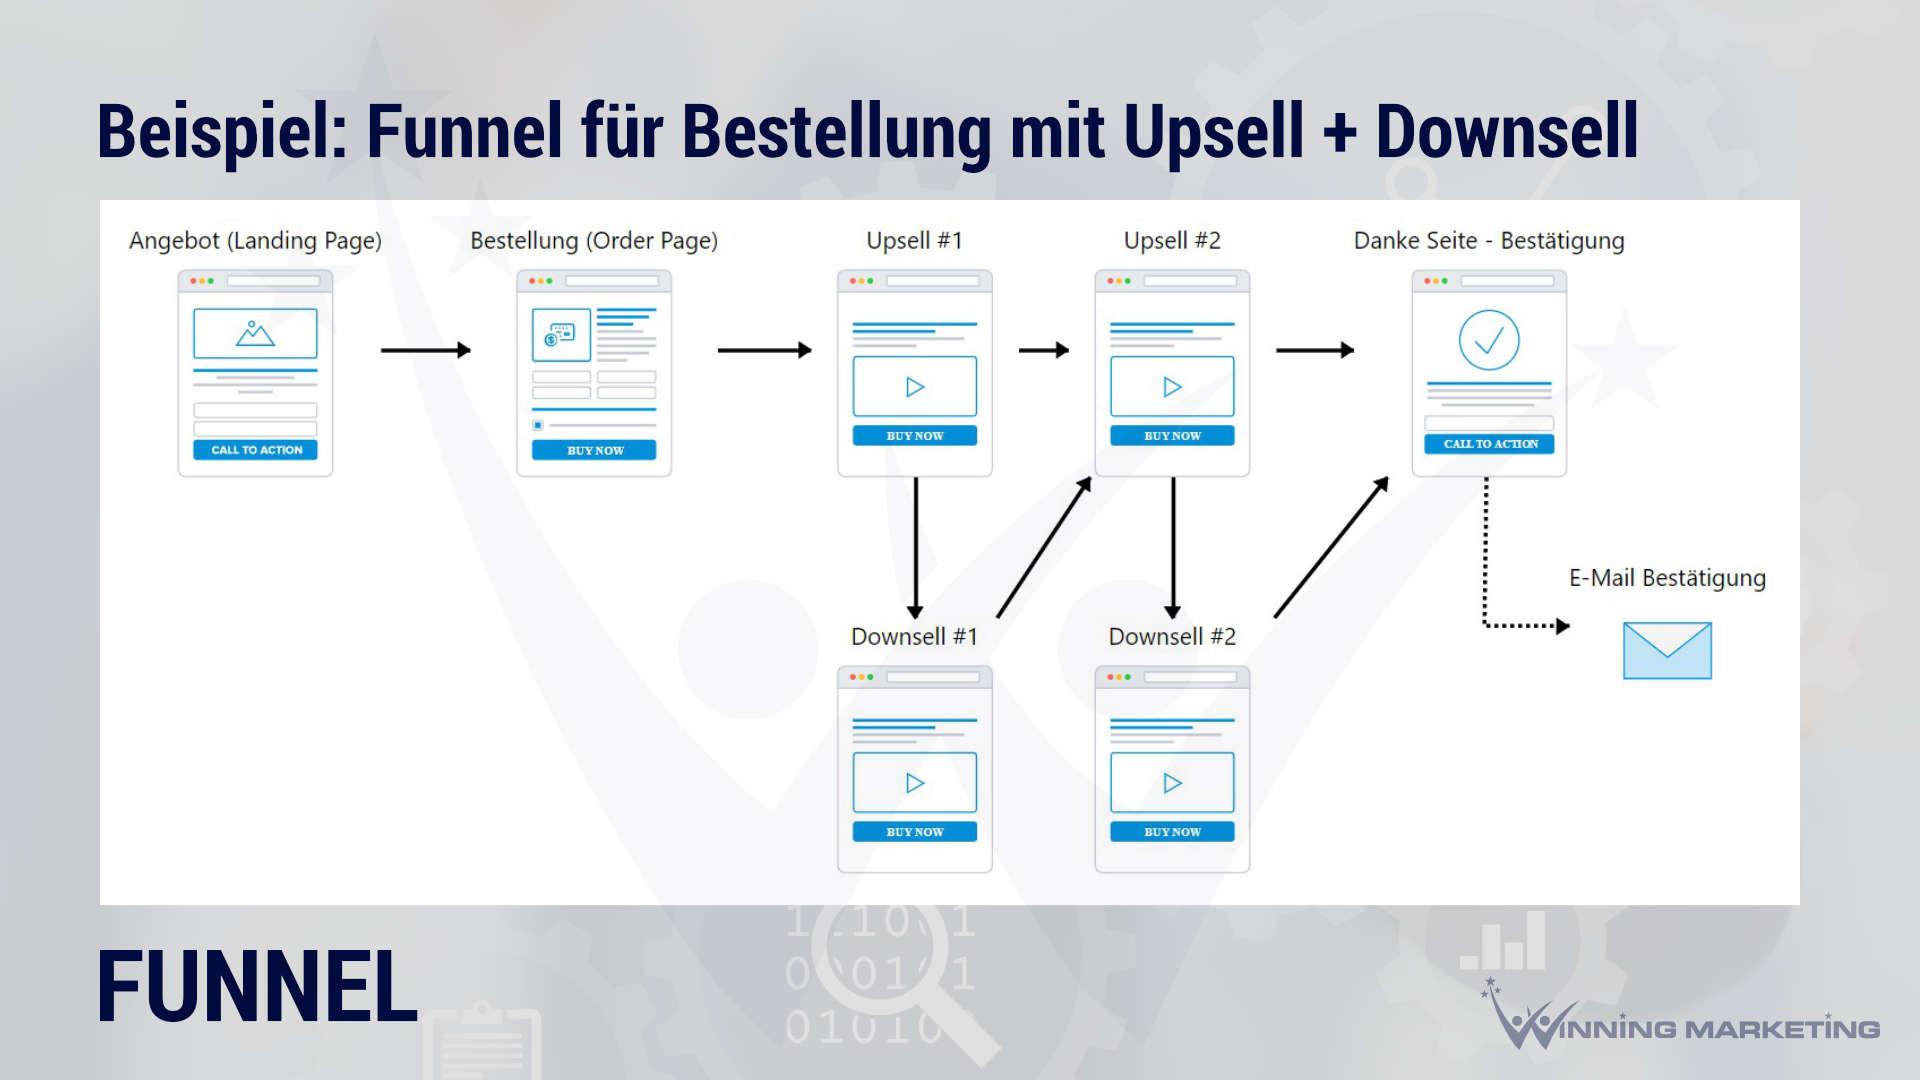 funnel uebersicht beispiel bestellung angebot mit upsell downsell offer sales winning marketing